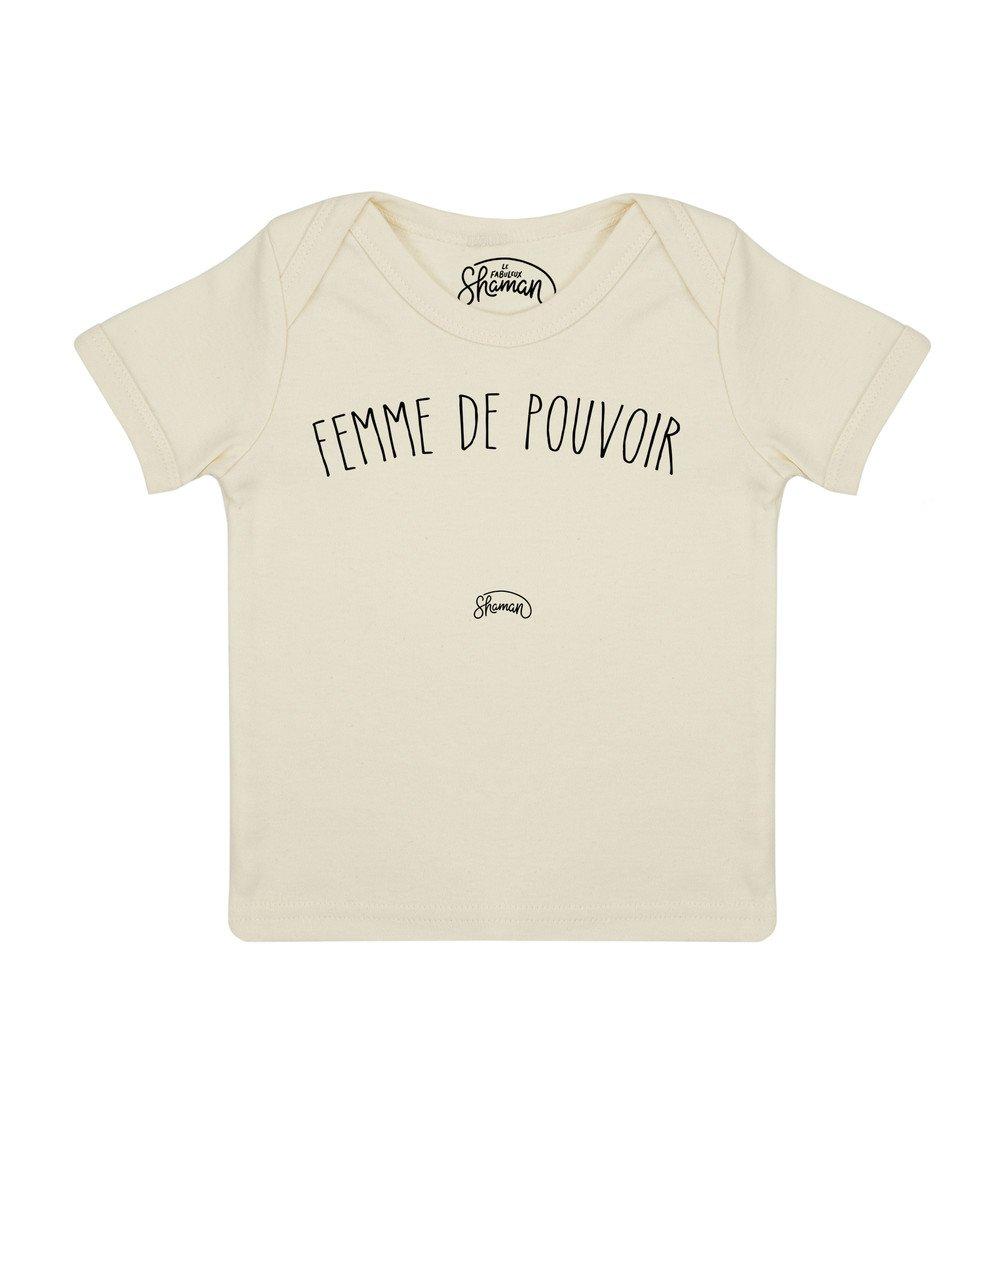 Tee shirt Femme pouvoir